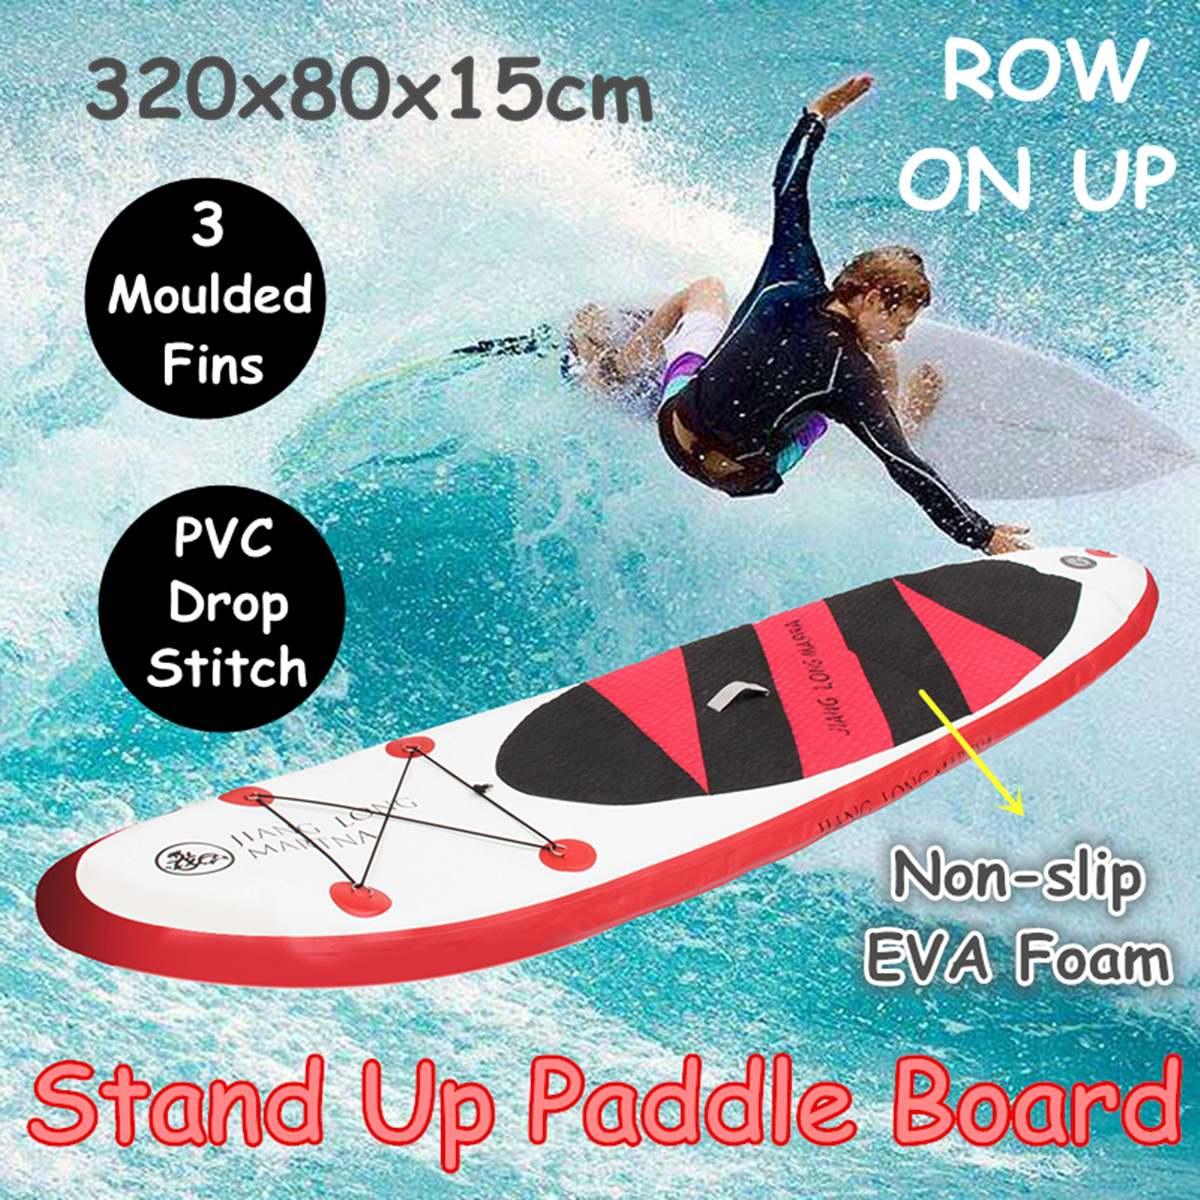 320x80x15 cm gonflable PVC Stand Up Paddle Board exercice formation planche de surf planche de surf Sport nautique Sup Board avec pompe à main